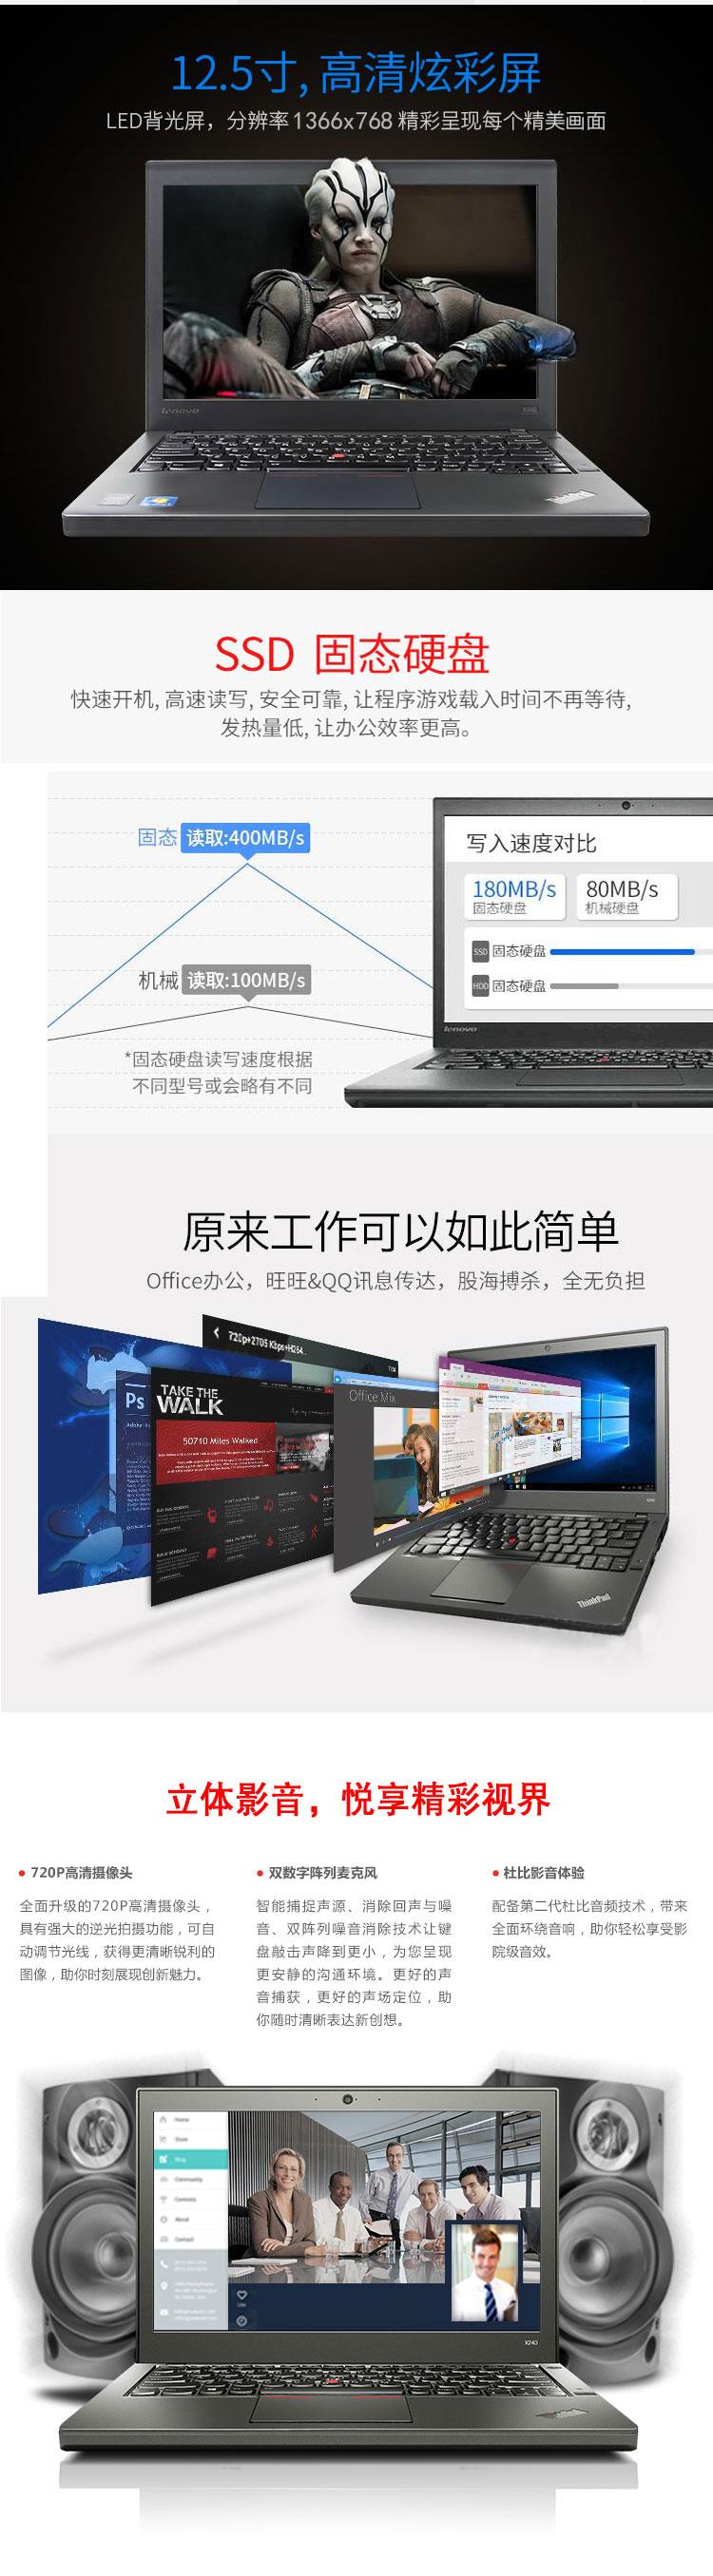 (非全新)联想ThinkPad X240 12.5英寸极速版笔记本